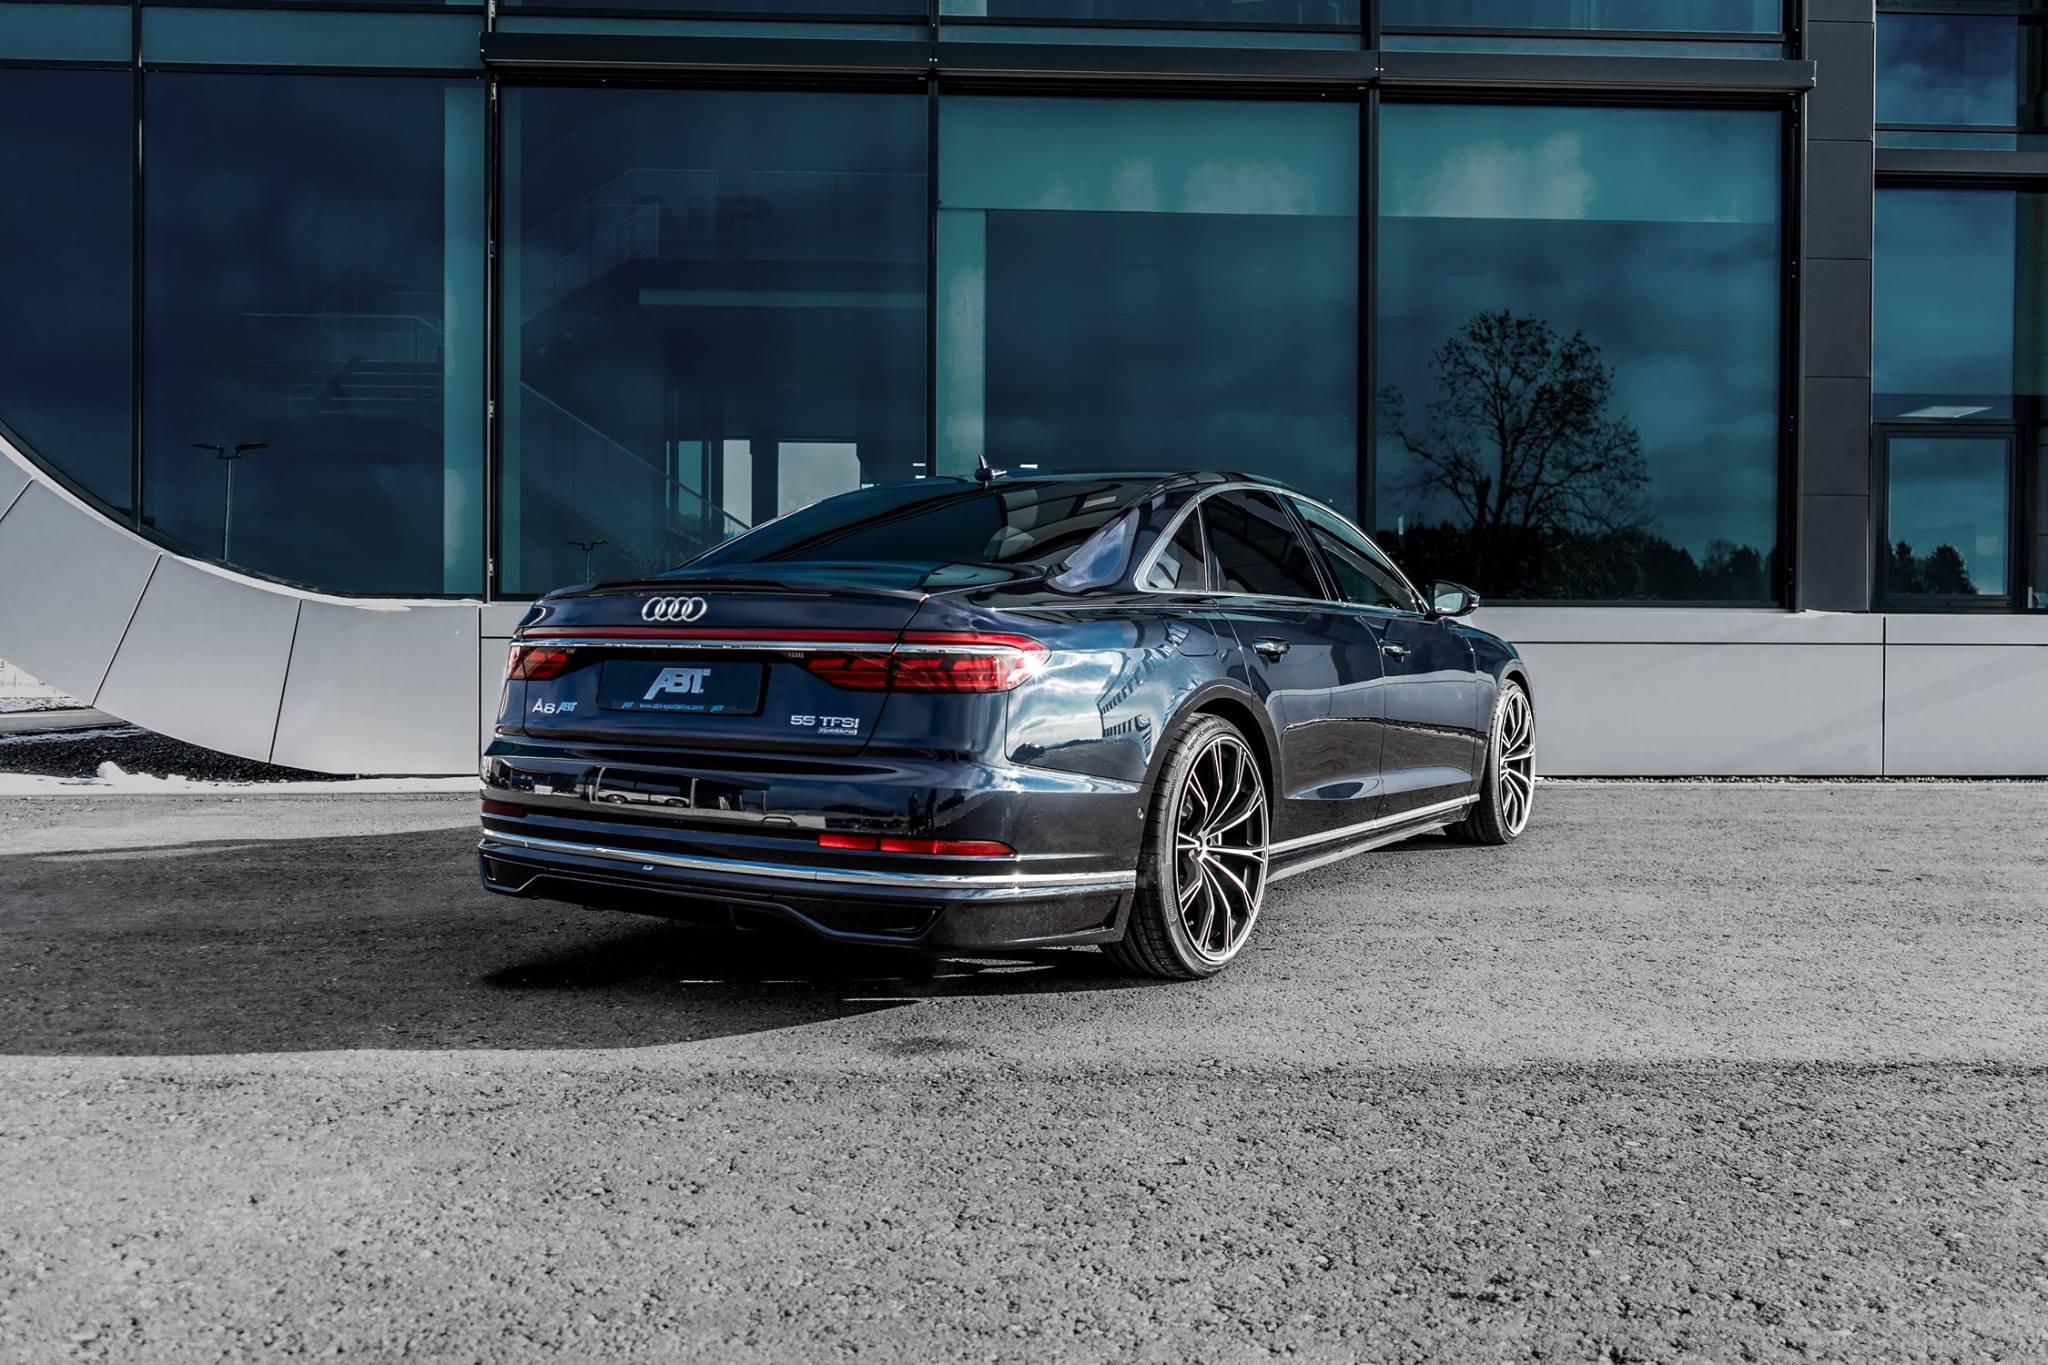 Audi A8 by ABT (2)